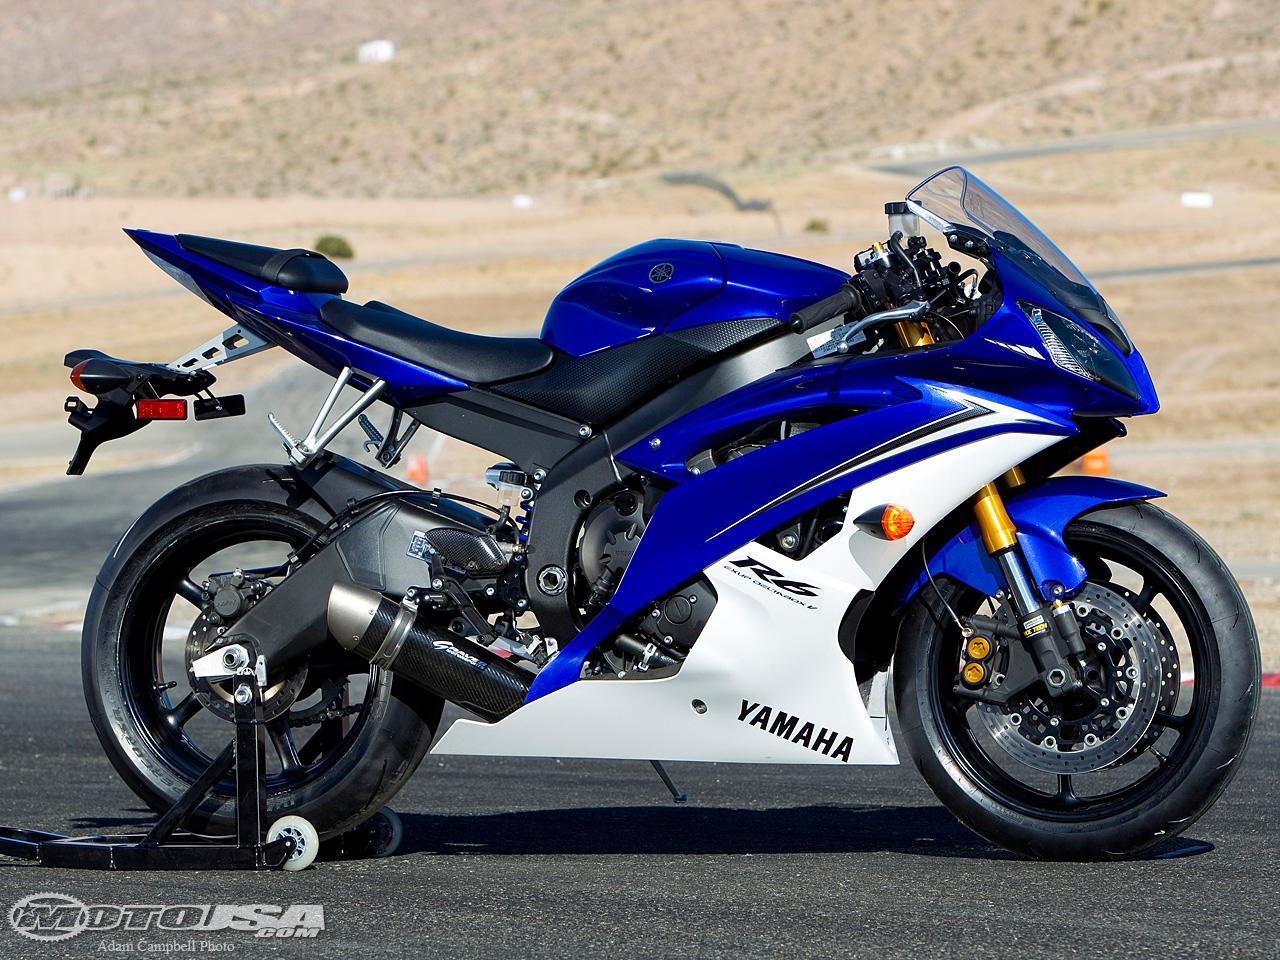 Tải hình ảnh xe moto cho máy tính miễn phí- Hình 5